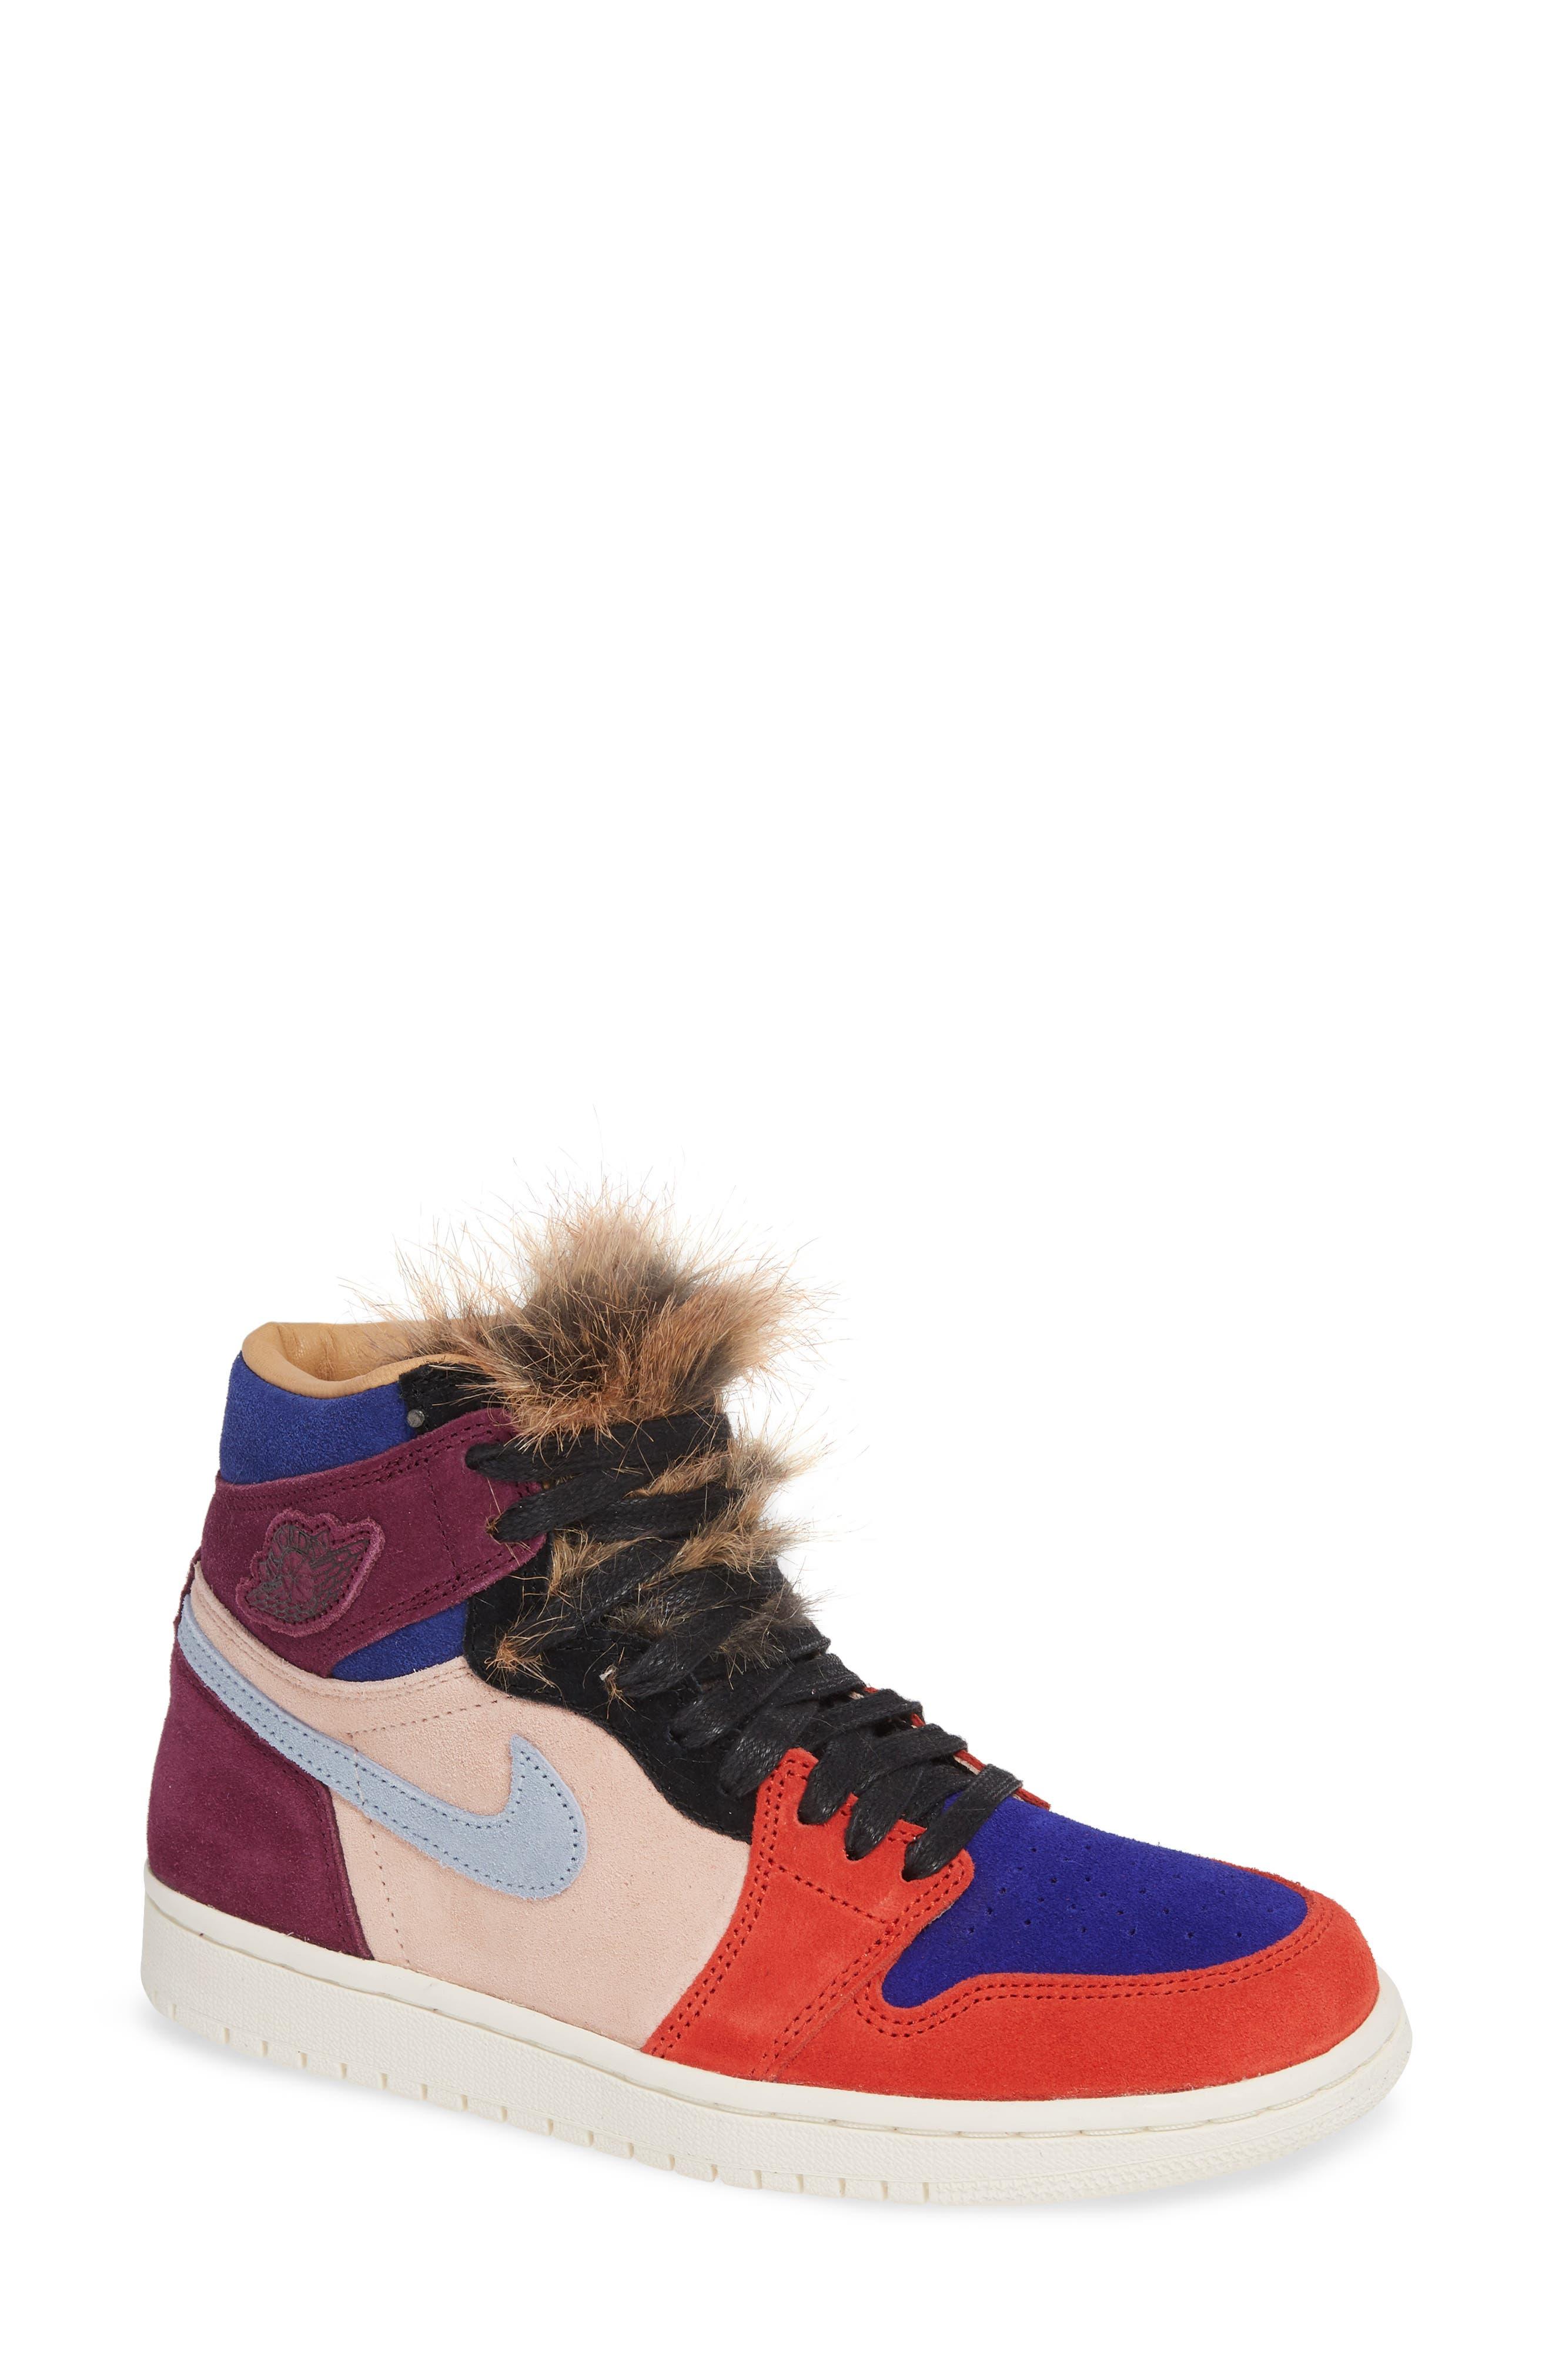 Nike Air Jordan 1 High OG Sneaker, Main, color, 600